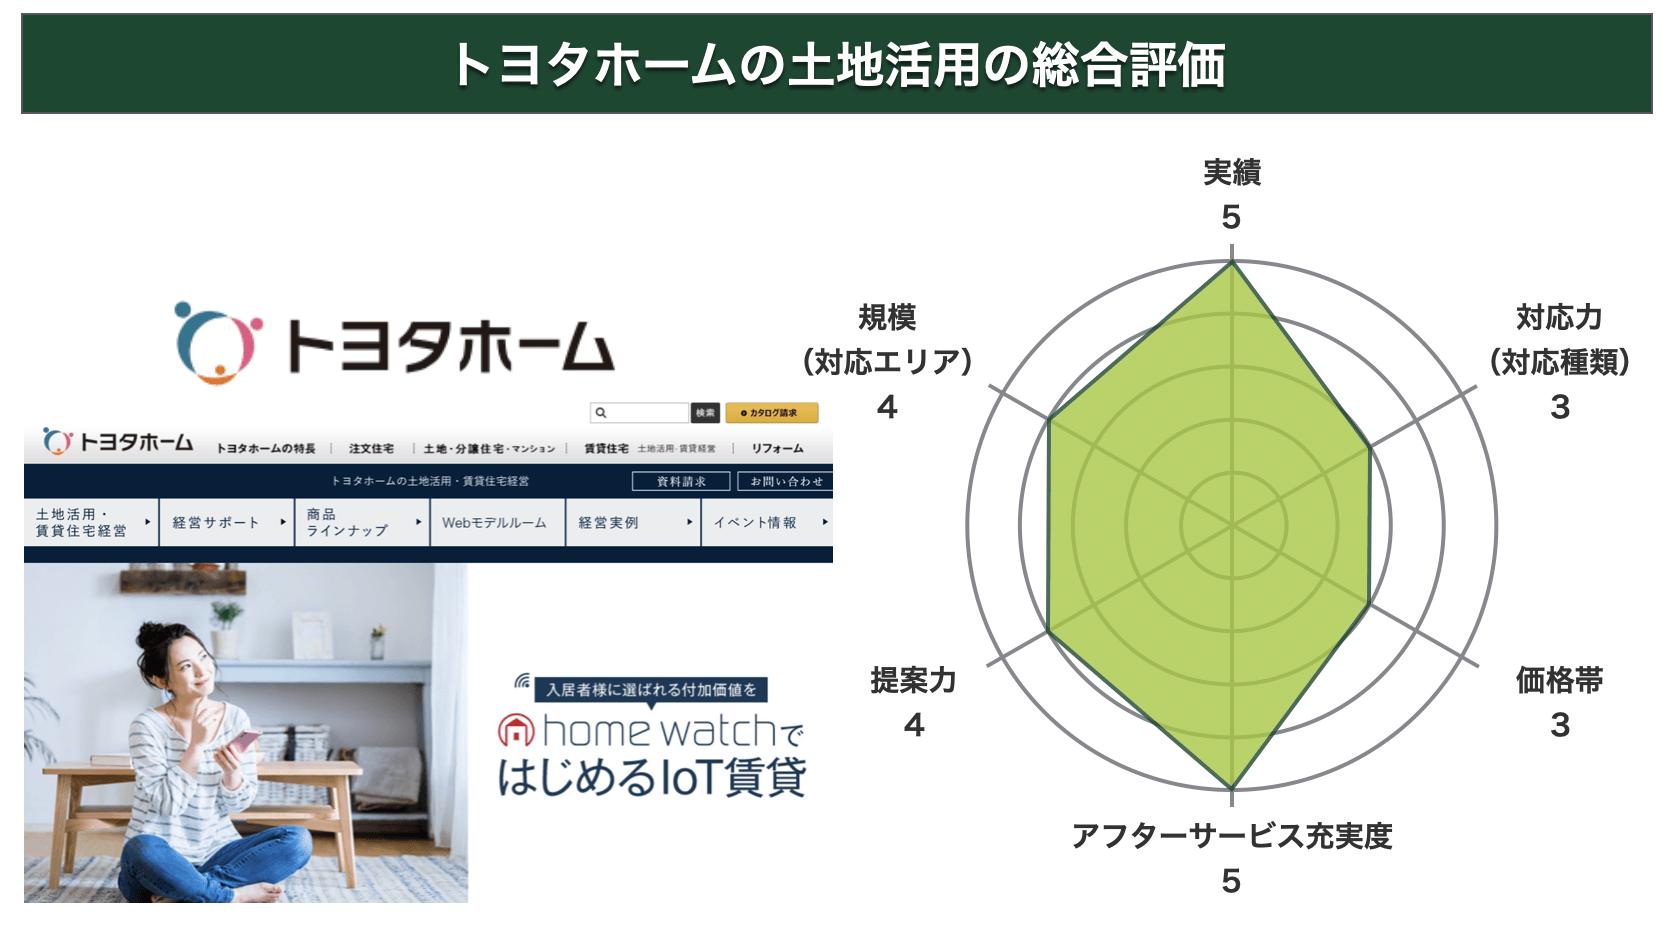 トヨタホームの土地活用の総合評価